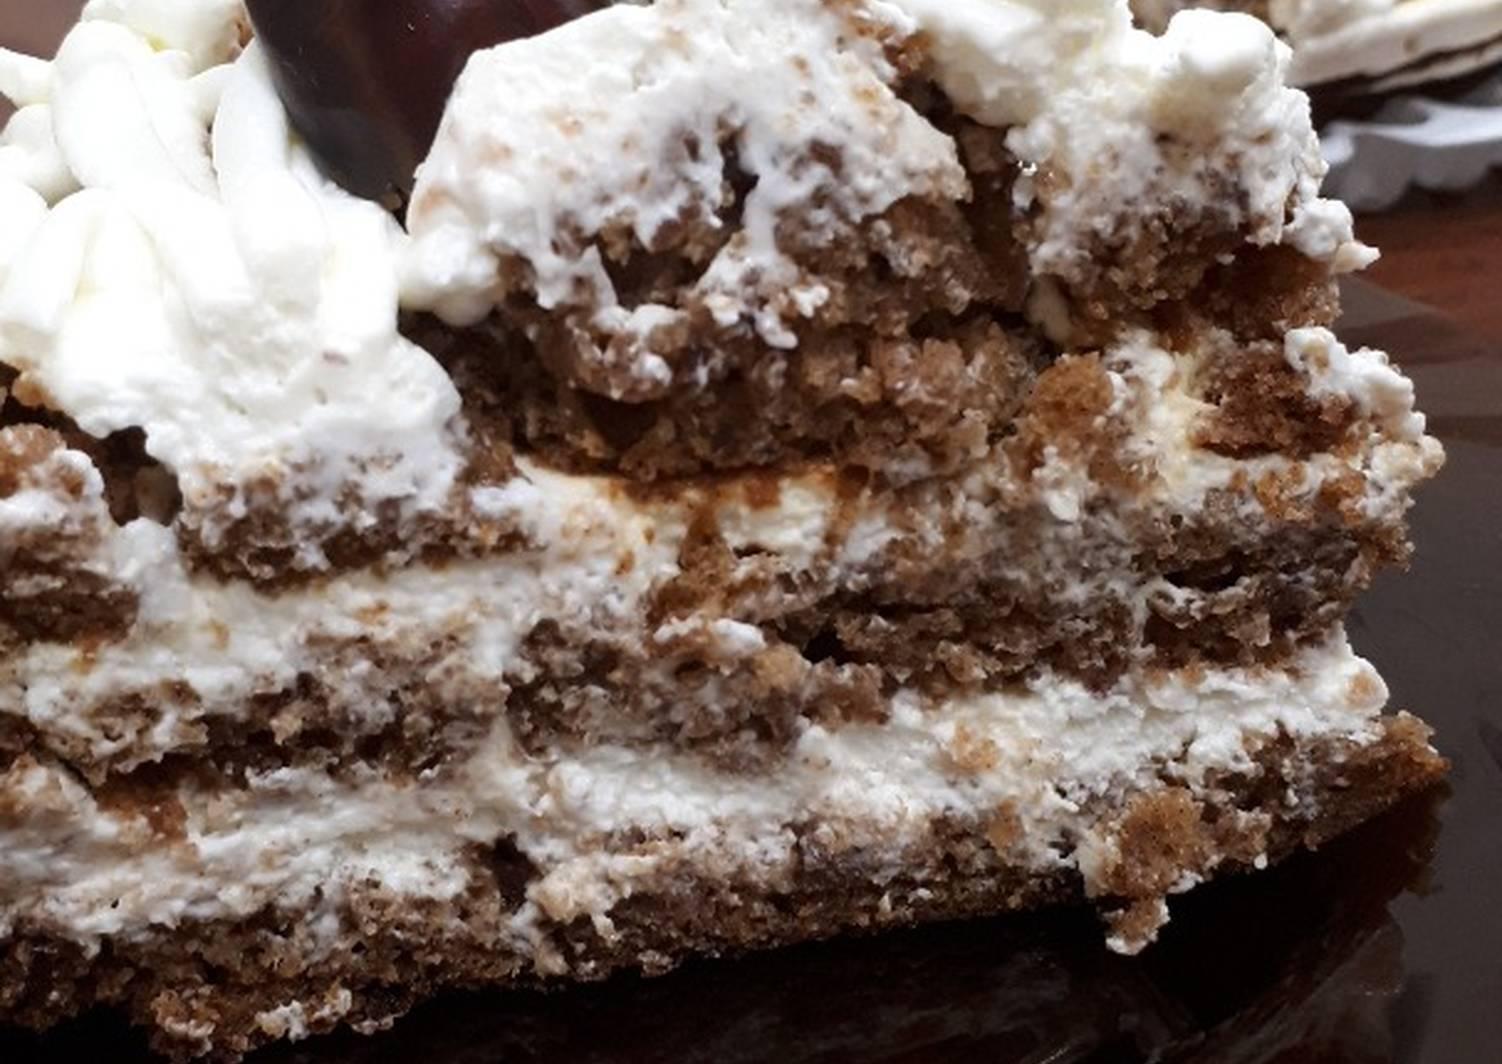 финиковый торт рецепт с фото дачи, таунхаусы